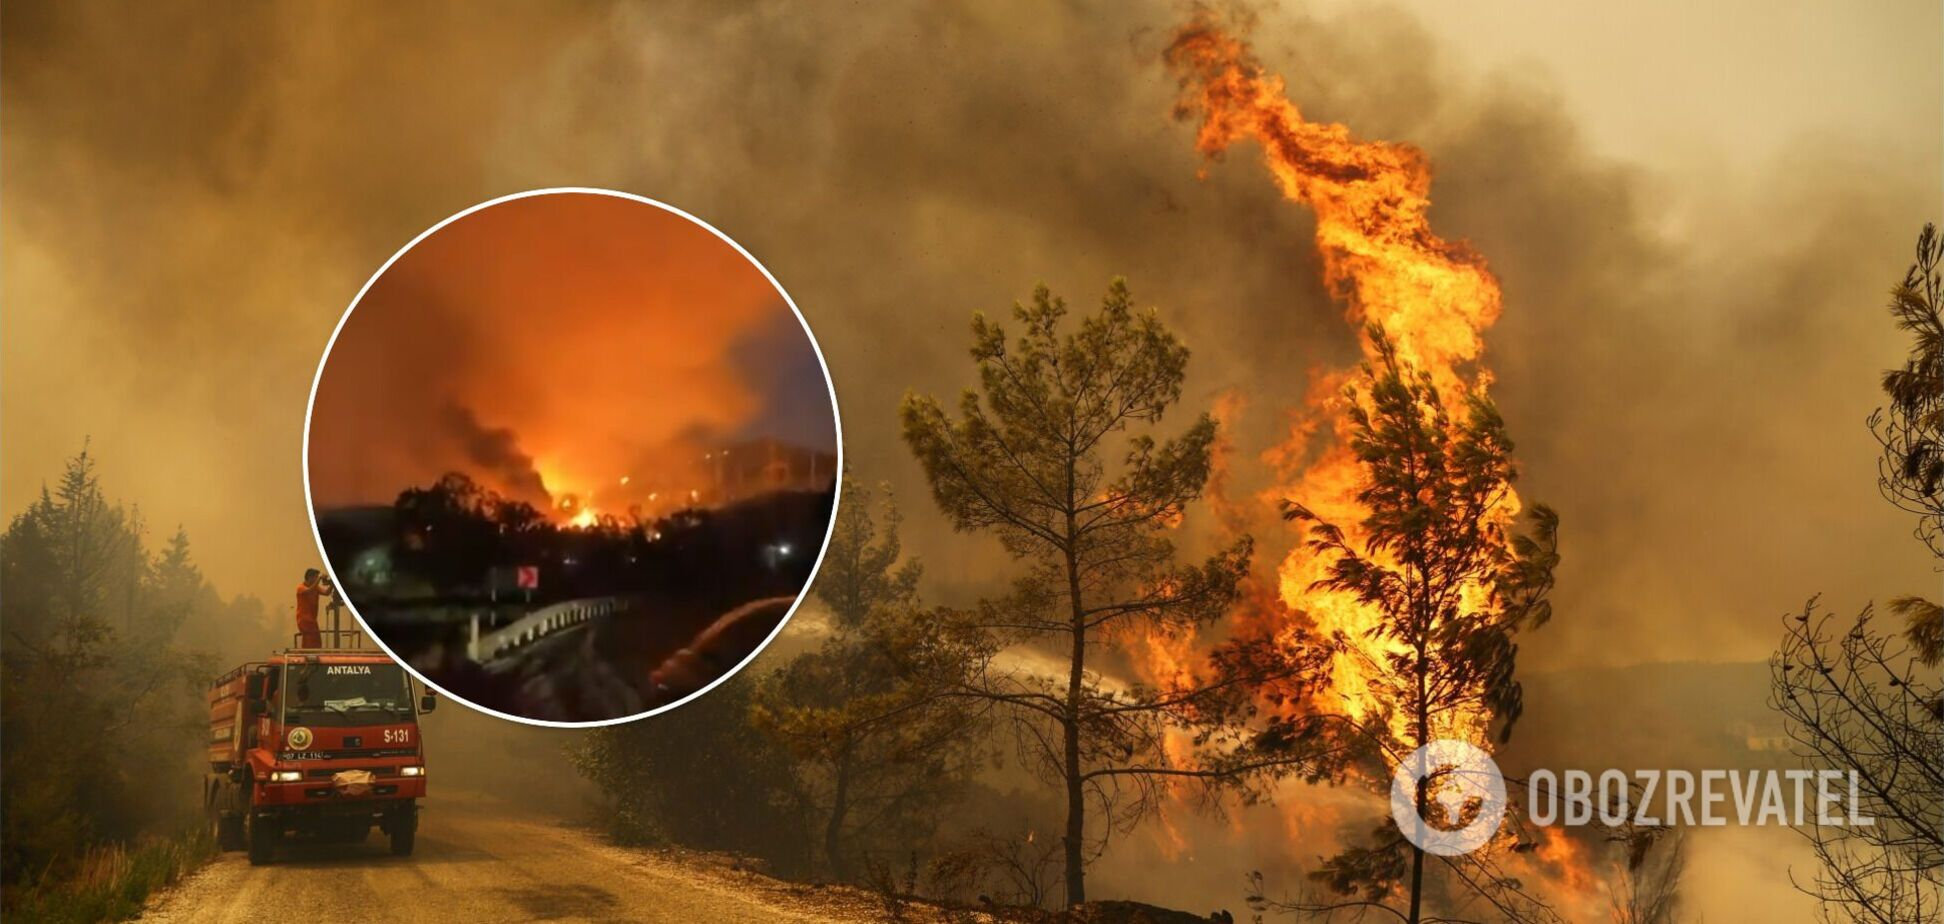 В Турции лесные пожары охватили ТЭЦ, власти начали эвакуацию. Видео